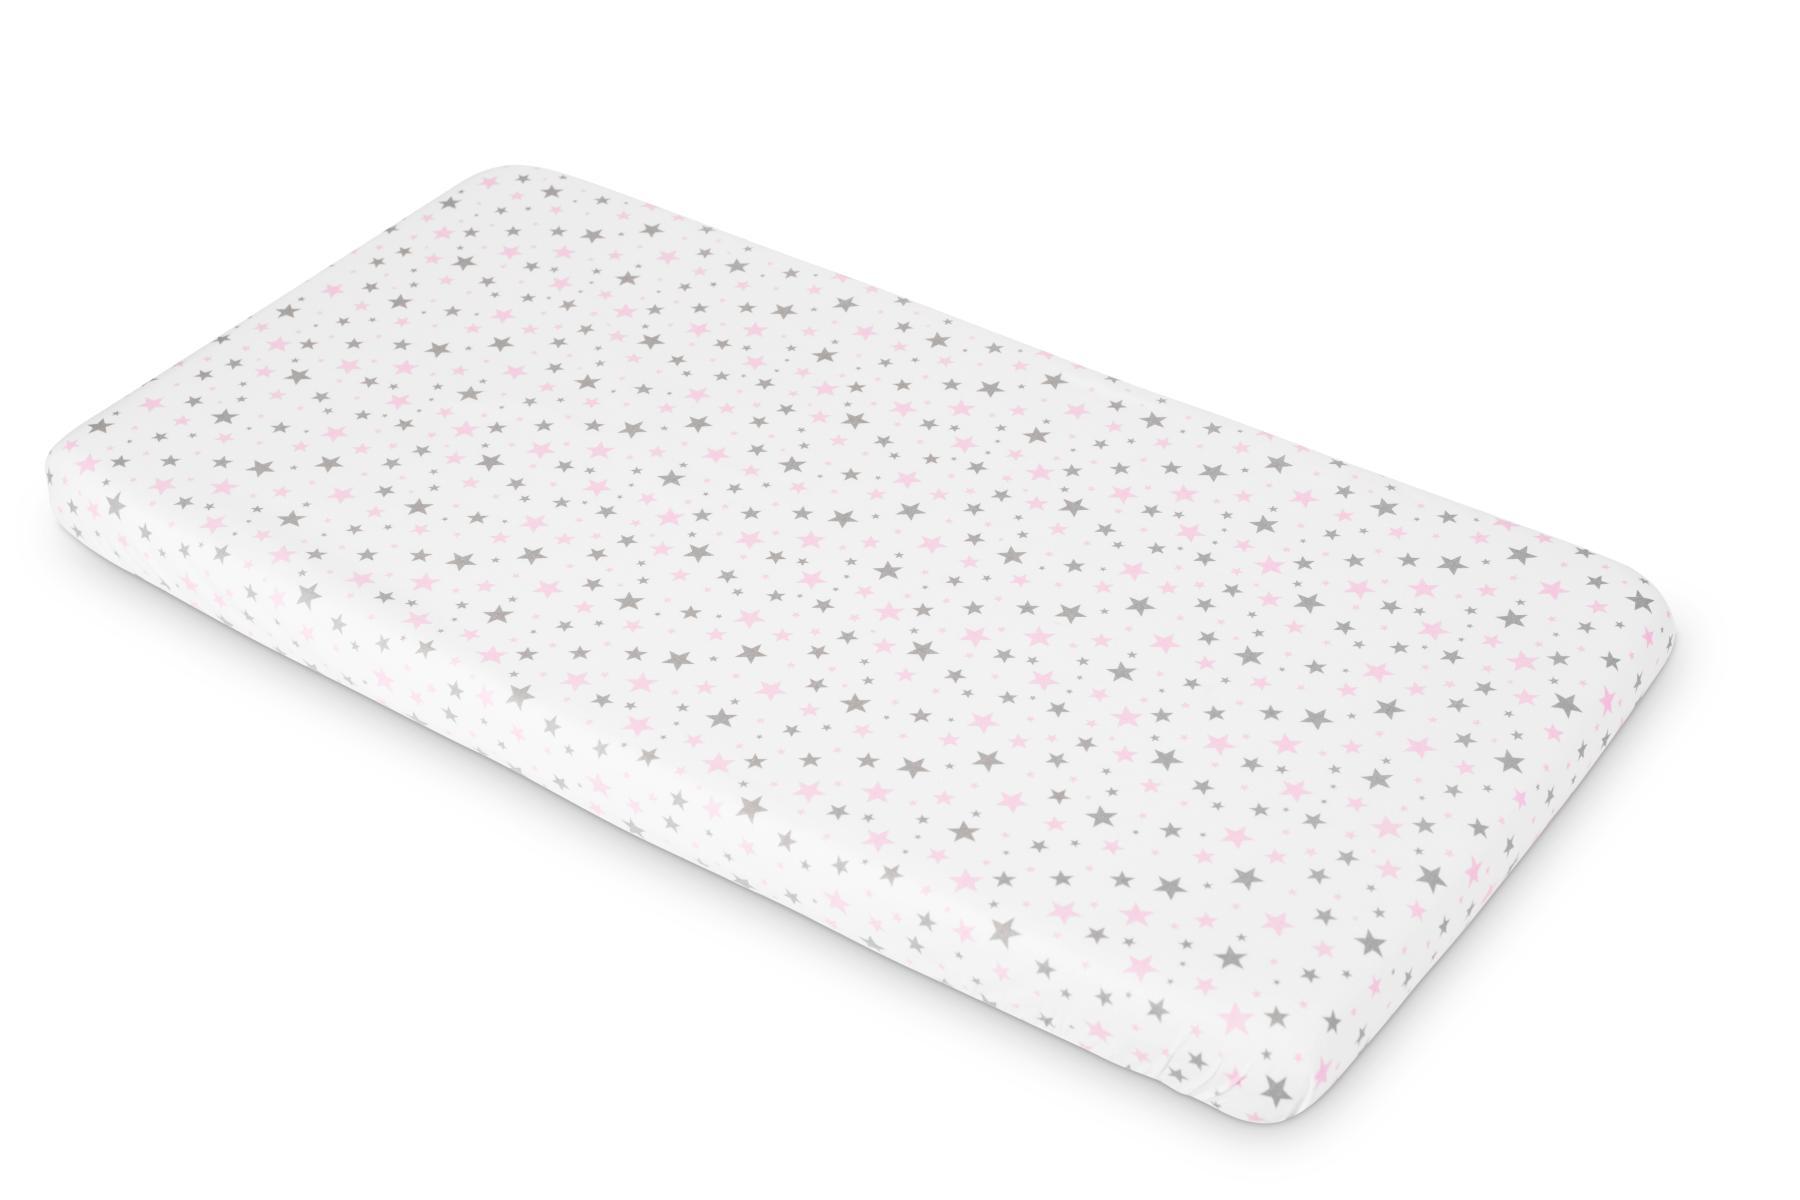 Printed Sheet – stars pink